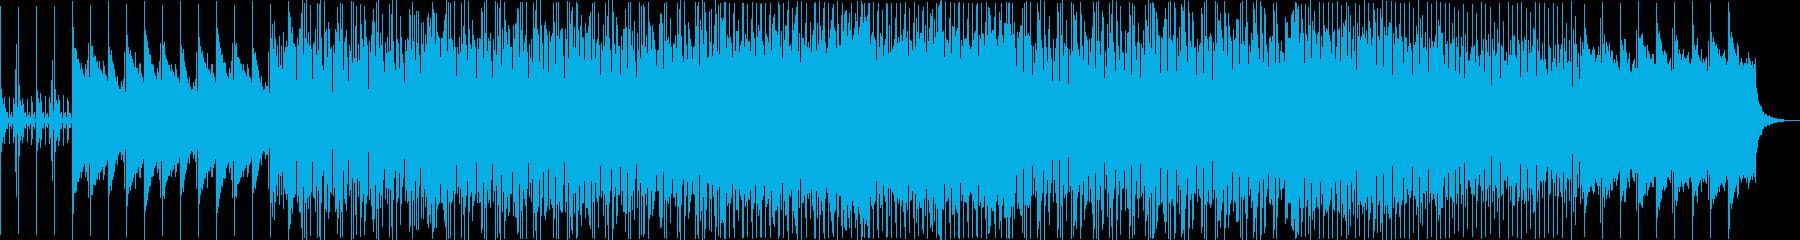 シンセサイザー、遊び心のあるベース...の再生済みの波形